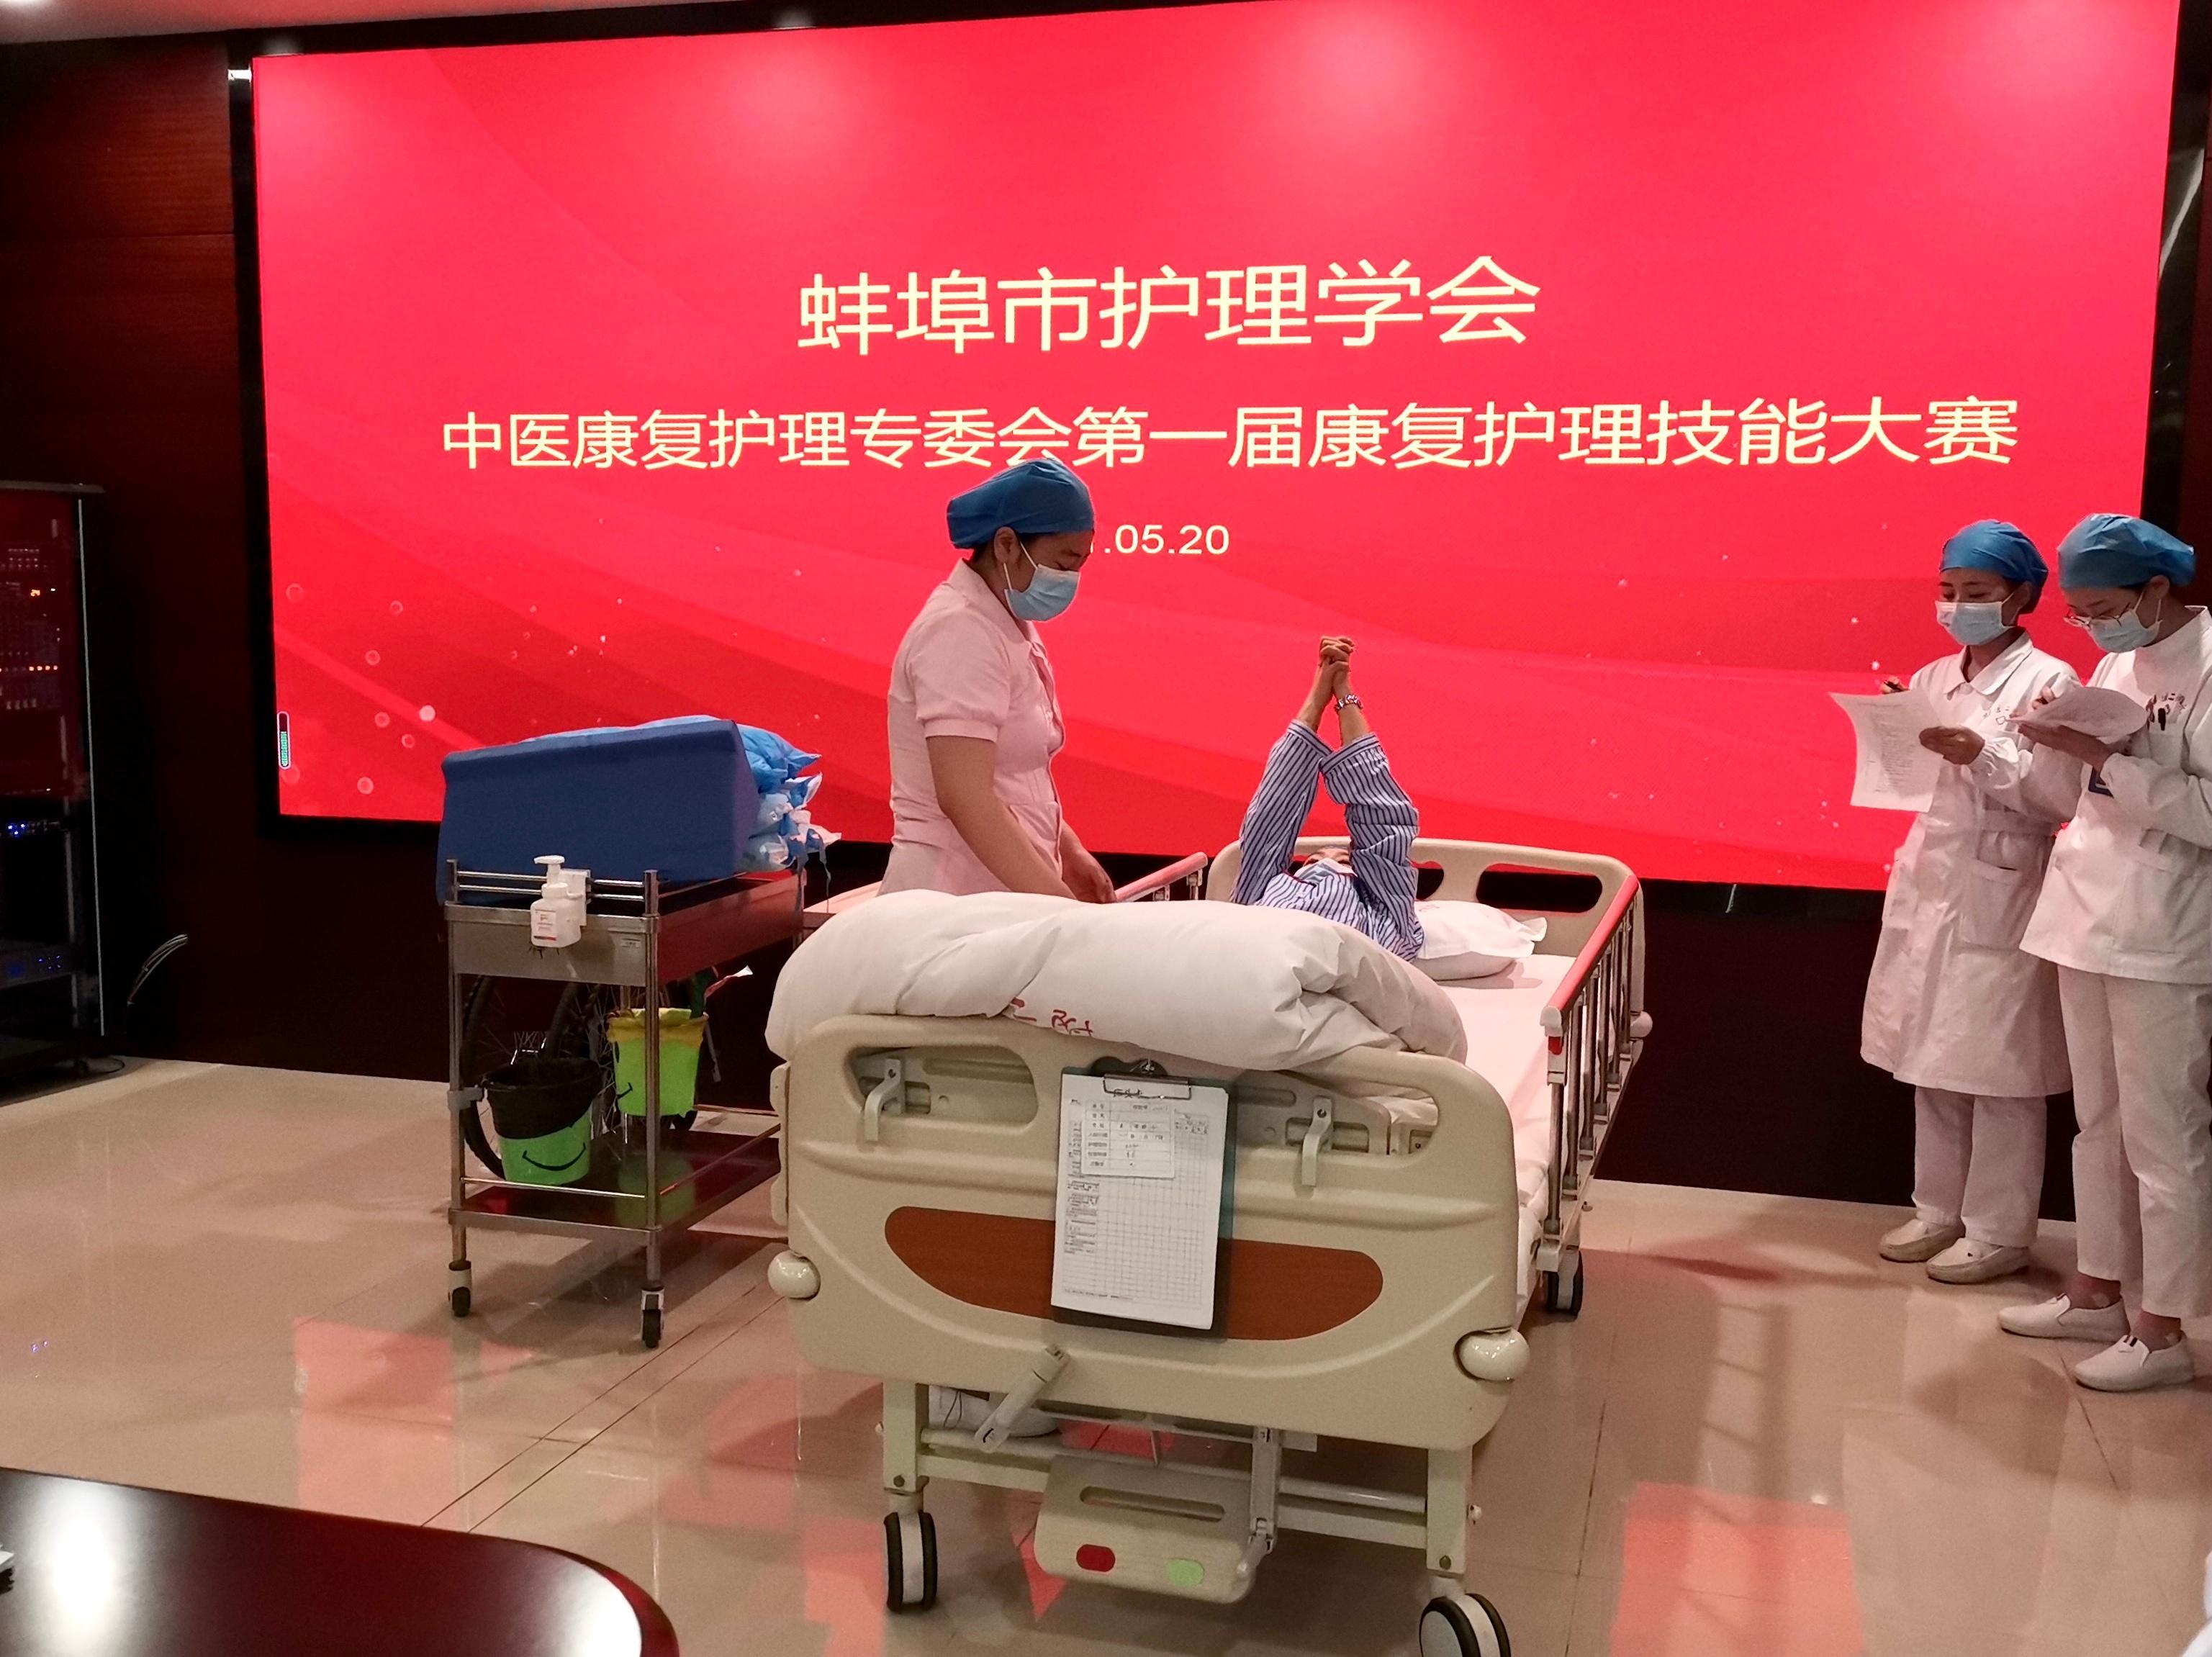 蚌埠二院护理团队在全市康复护理技能大赛中喜获佳绩